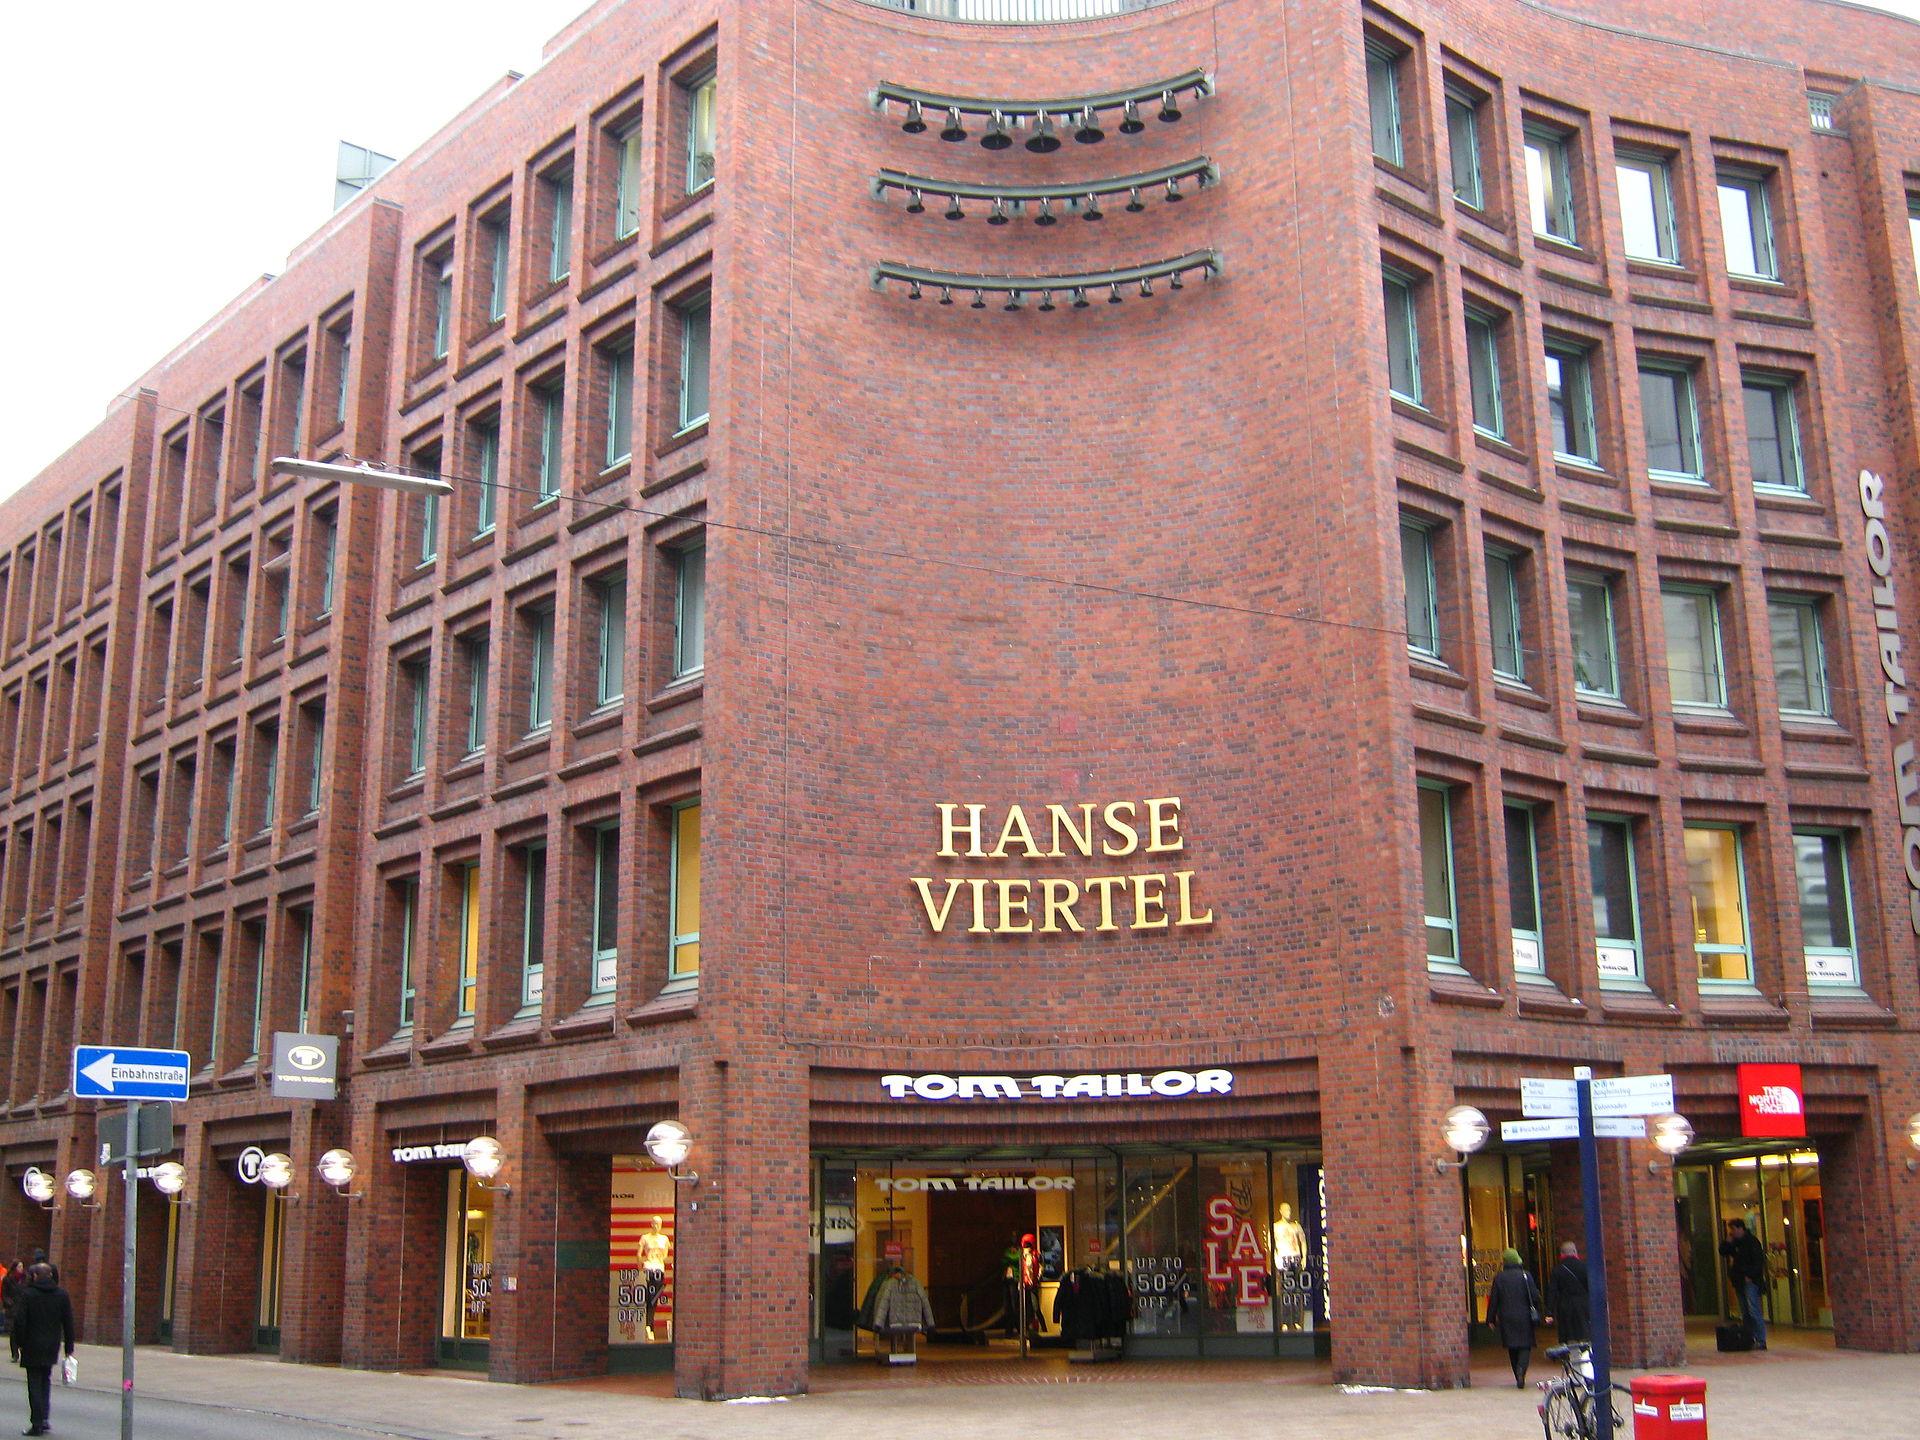 Hotel Hanseviertel Hamburg